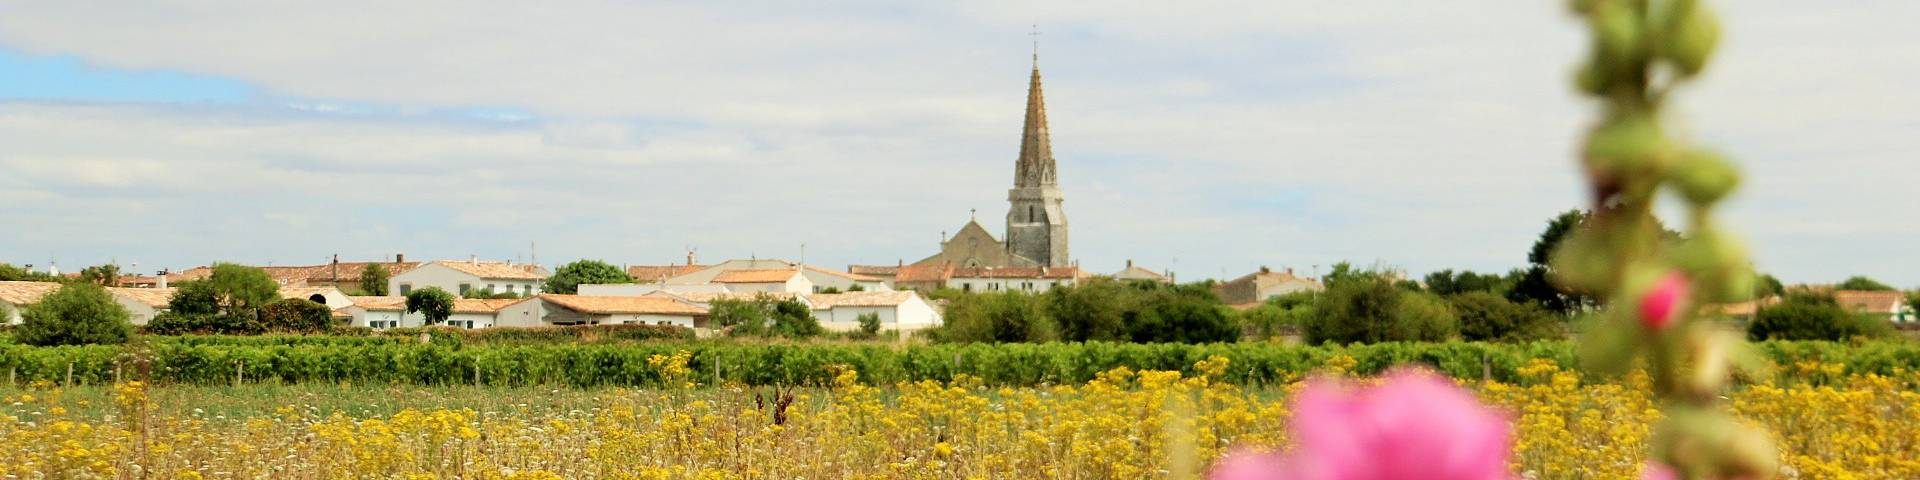 The city of Sainte-Marie-de-Ré